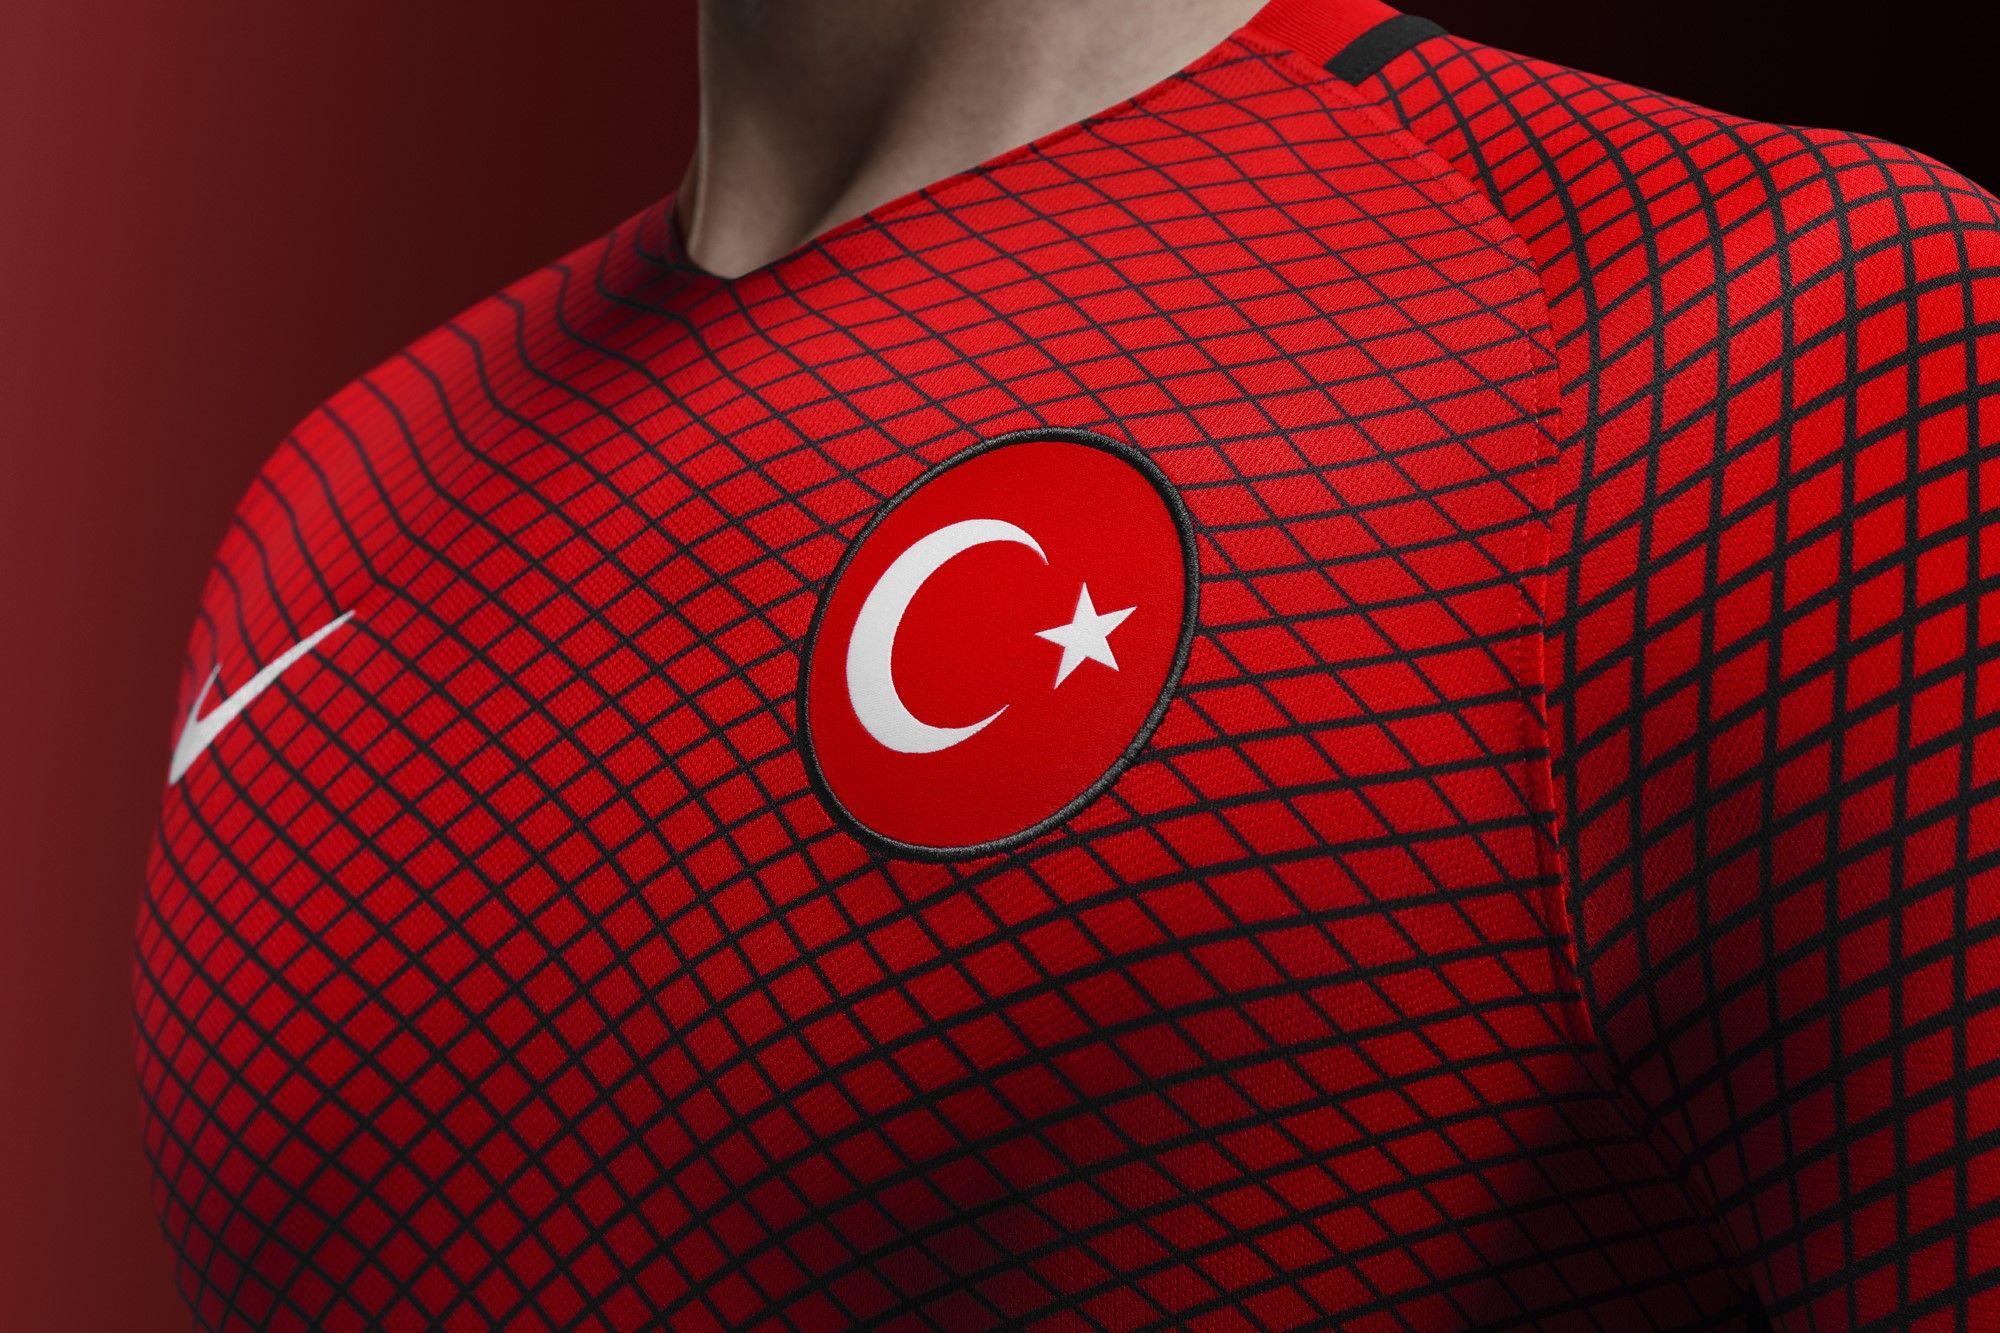 Türkiye-Arnavutluk maçı Antalya'da!